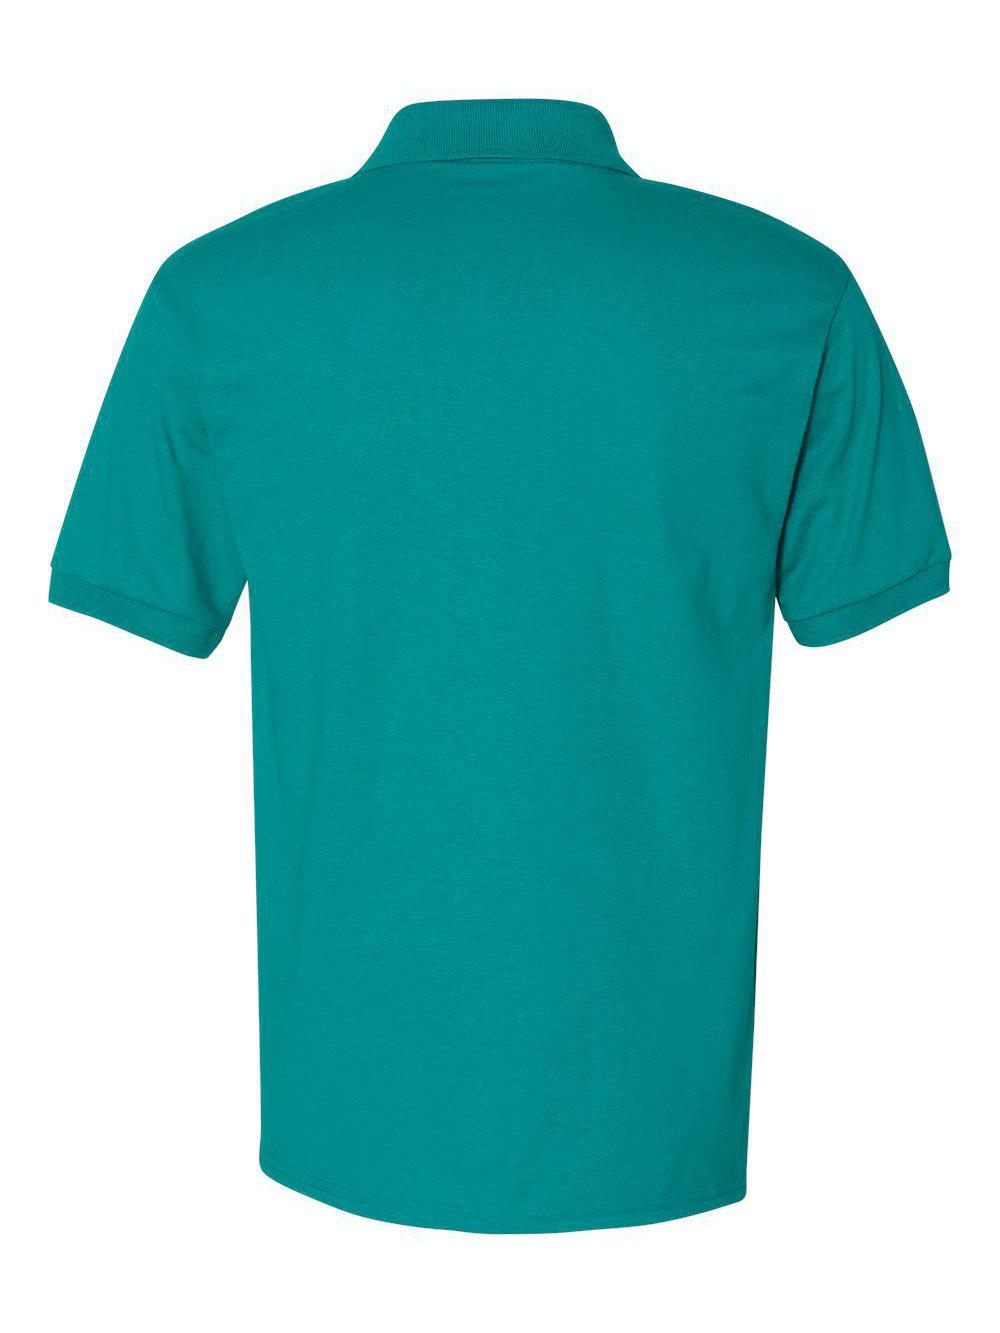 Gildan-DryBlend-Jersey-Sport-Shirt-8800 thumbnail 31